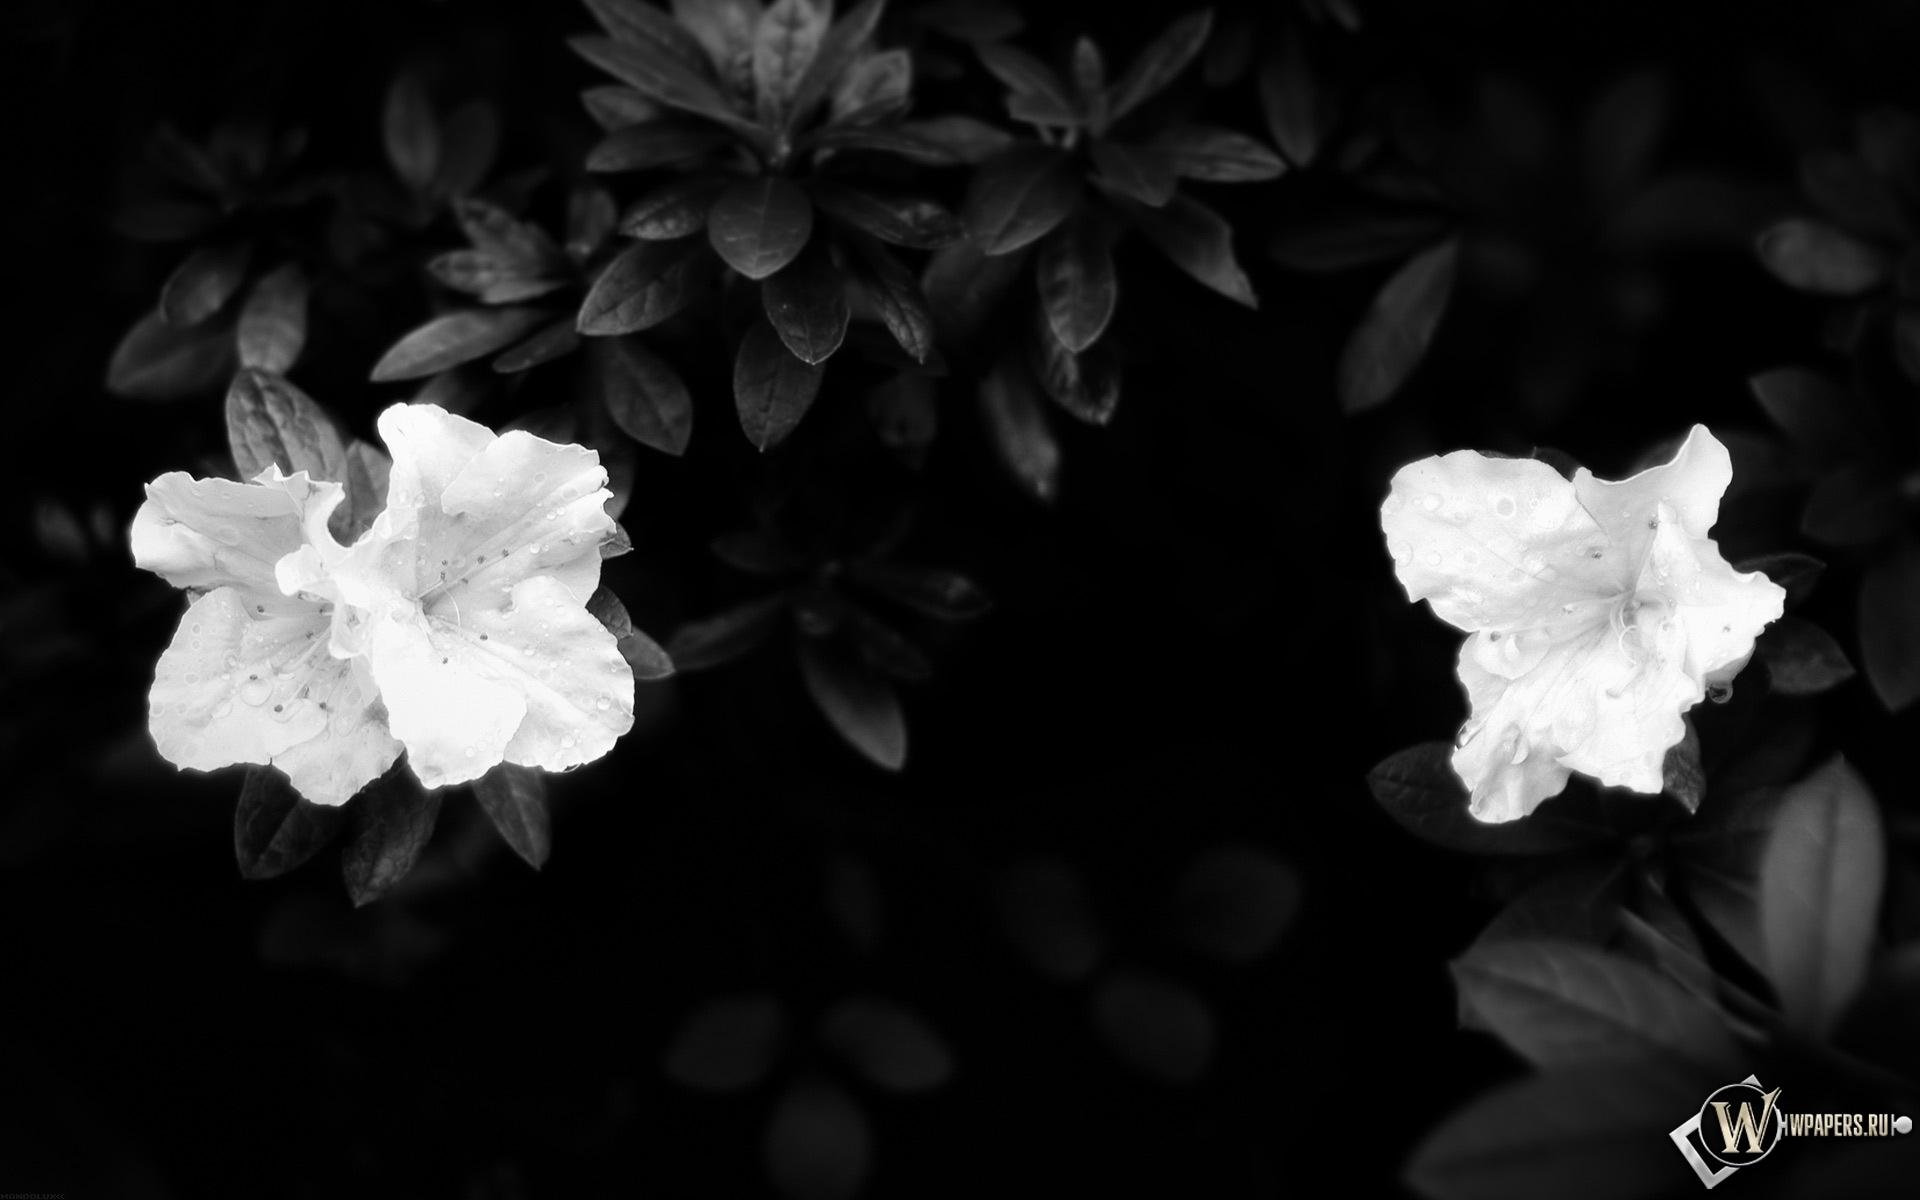 Чёрно-белые цветы 1920x1200